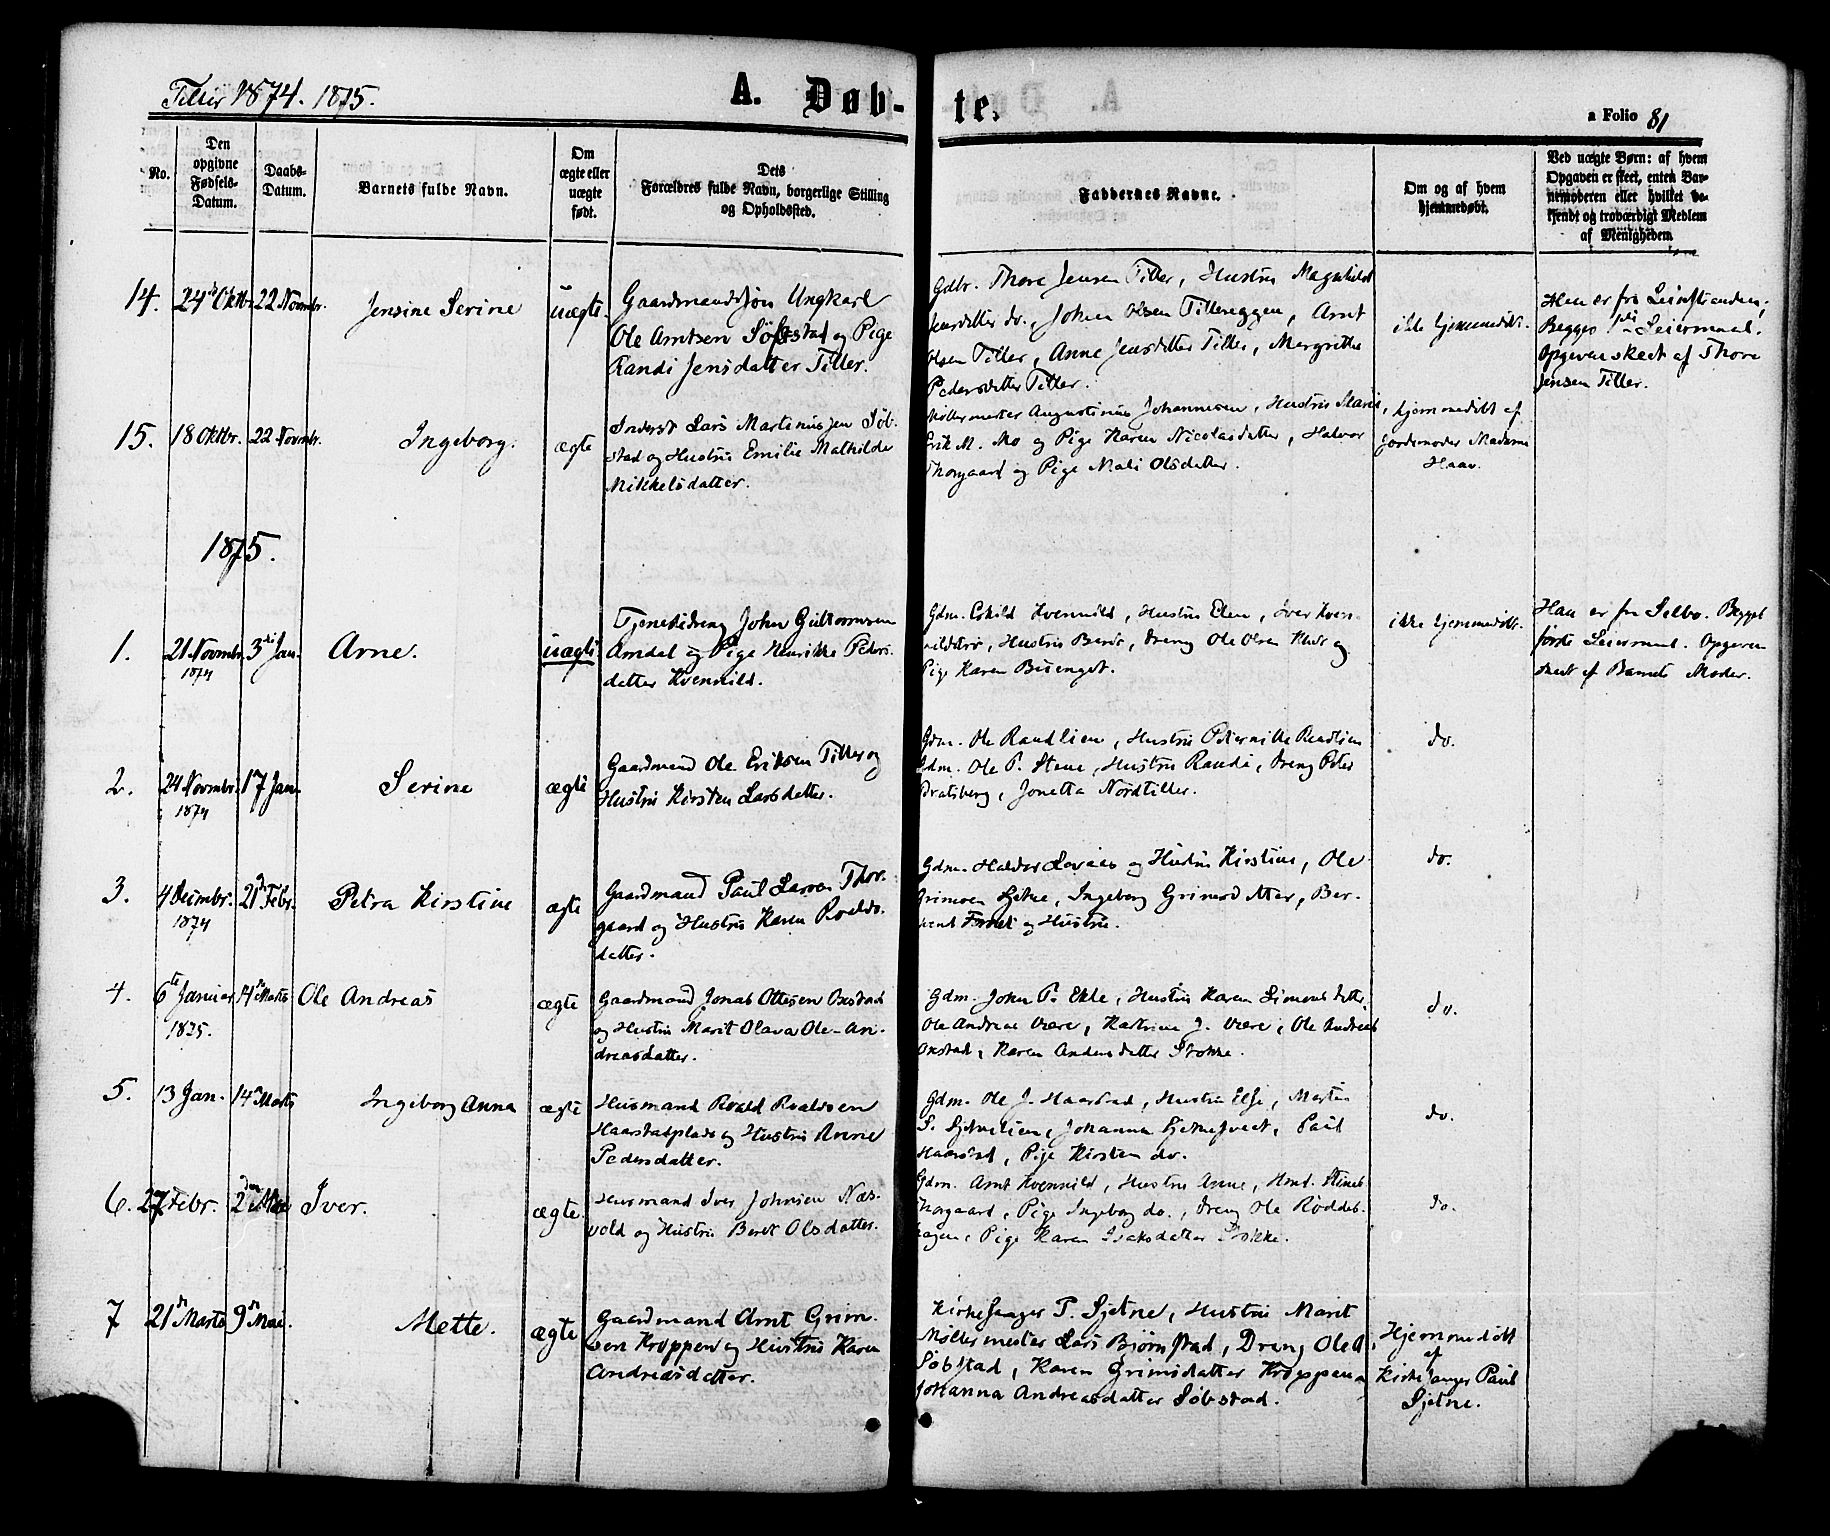 SAT, Ministerialprotokoller, klokkerbøker og fødselsregistre - Sør-Trøndelag, 618/L0443: Ministerialbok nr. 618A06 /2, 1863-1879, s. 81